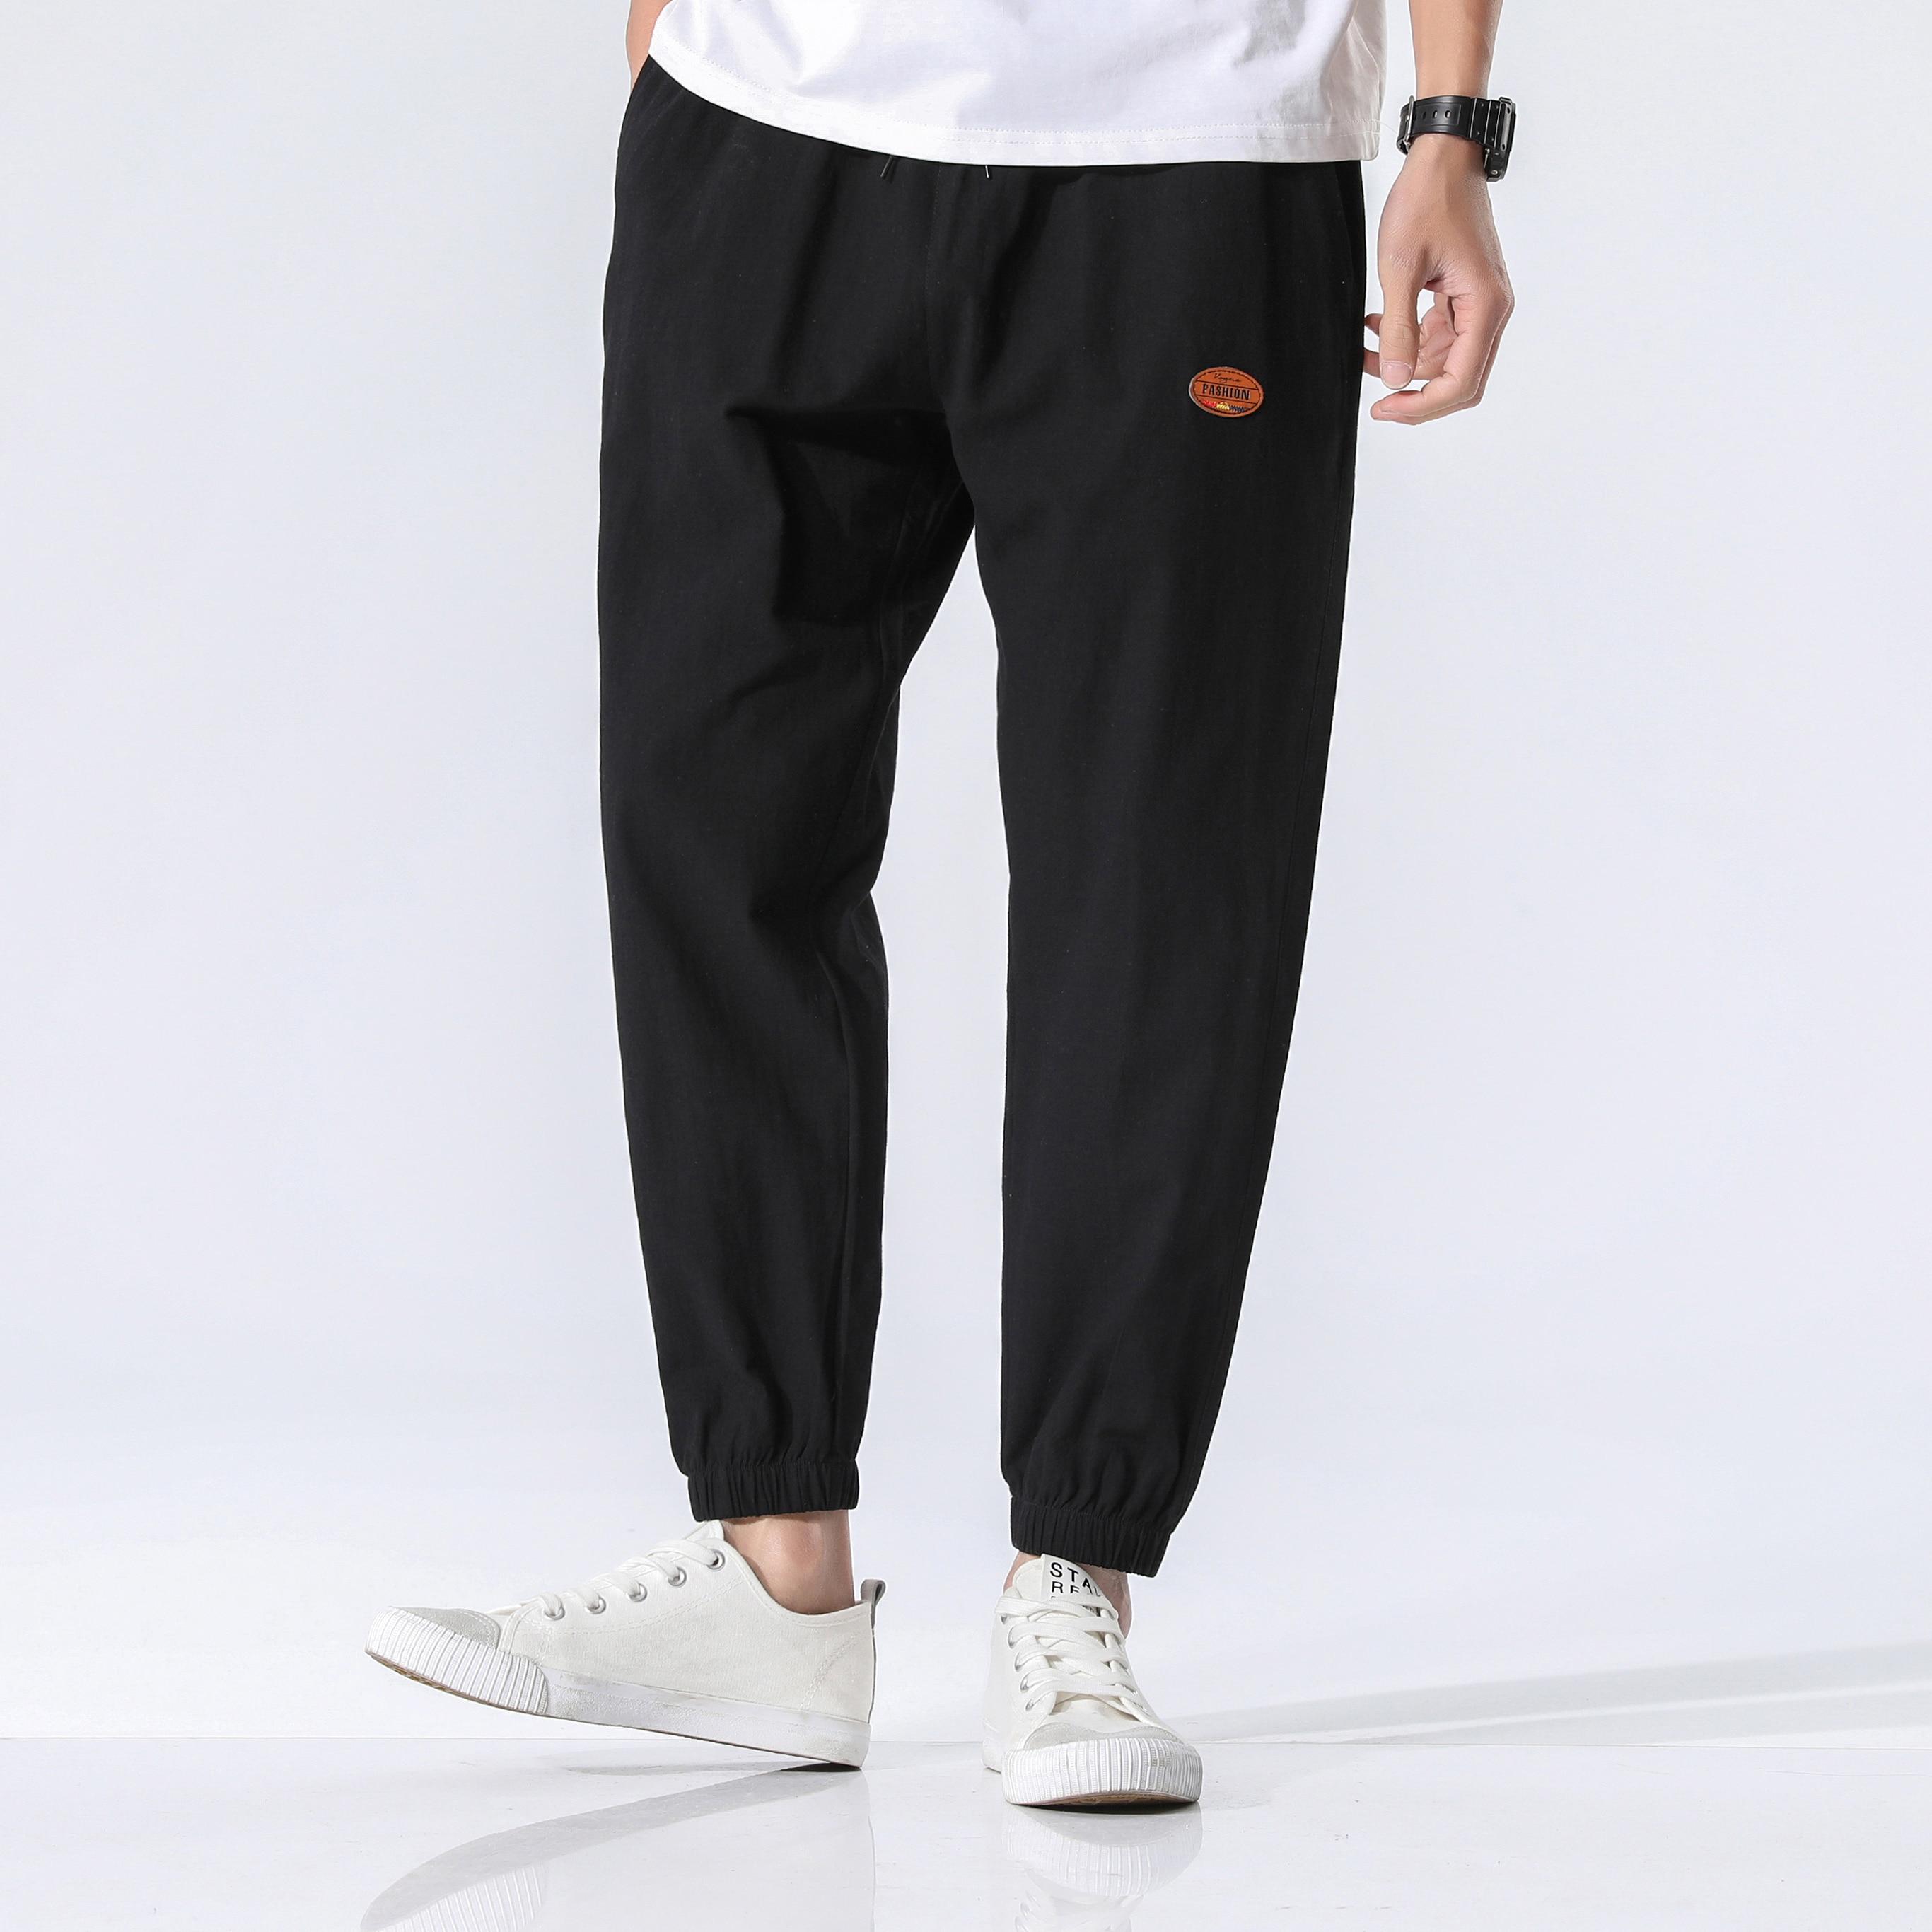 מכנסיים גברים אופנתיים בסגנון משוחרר 4